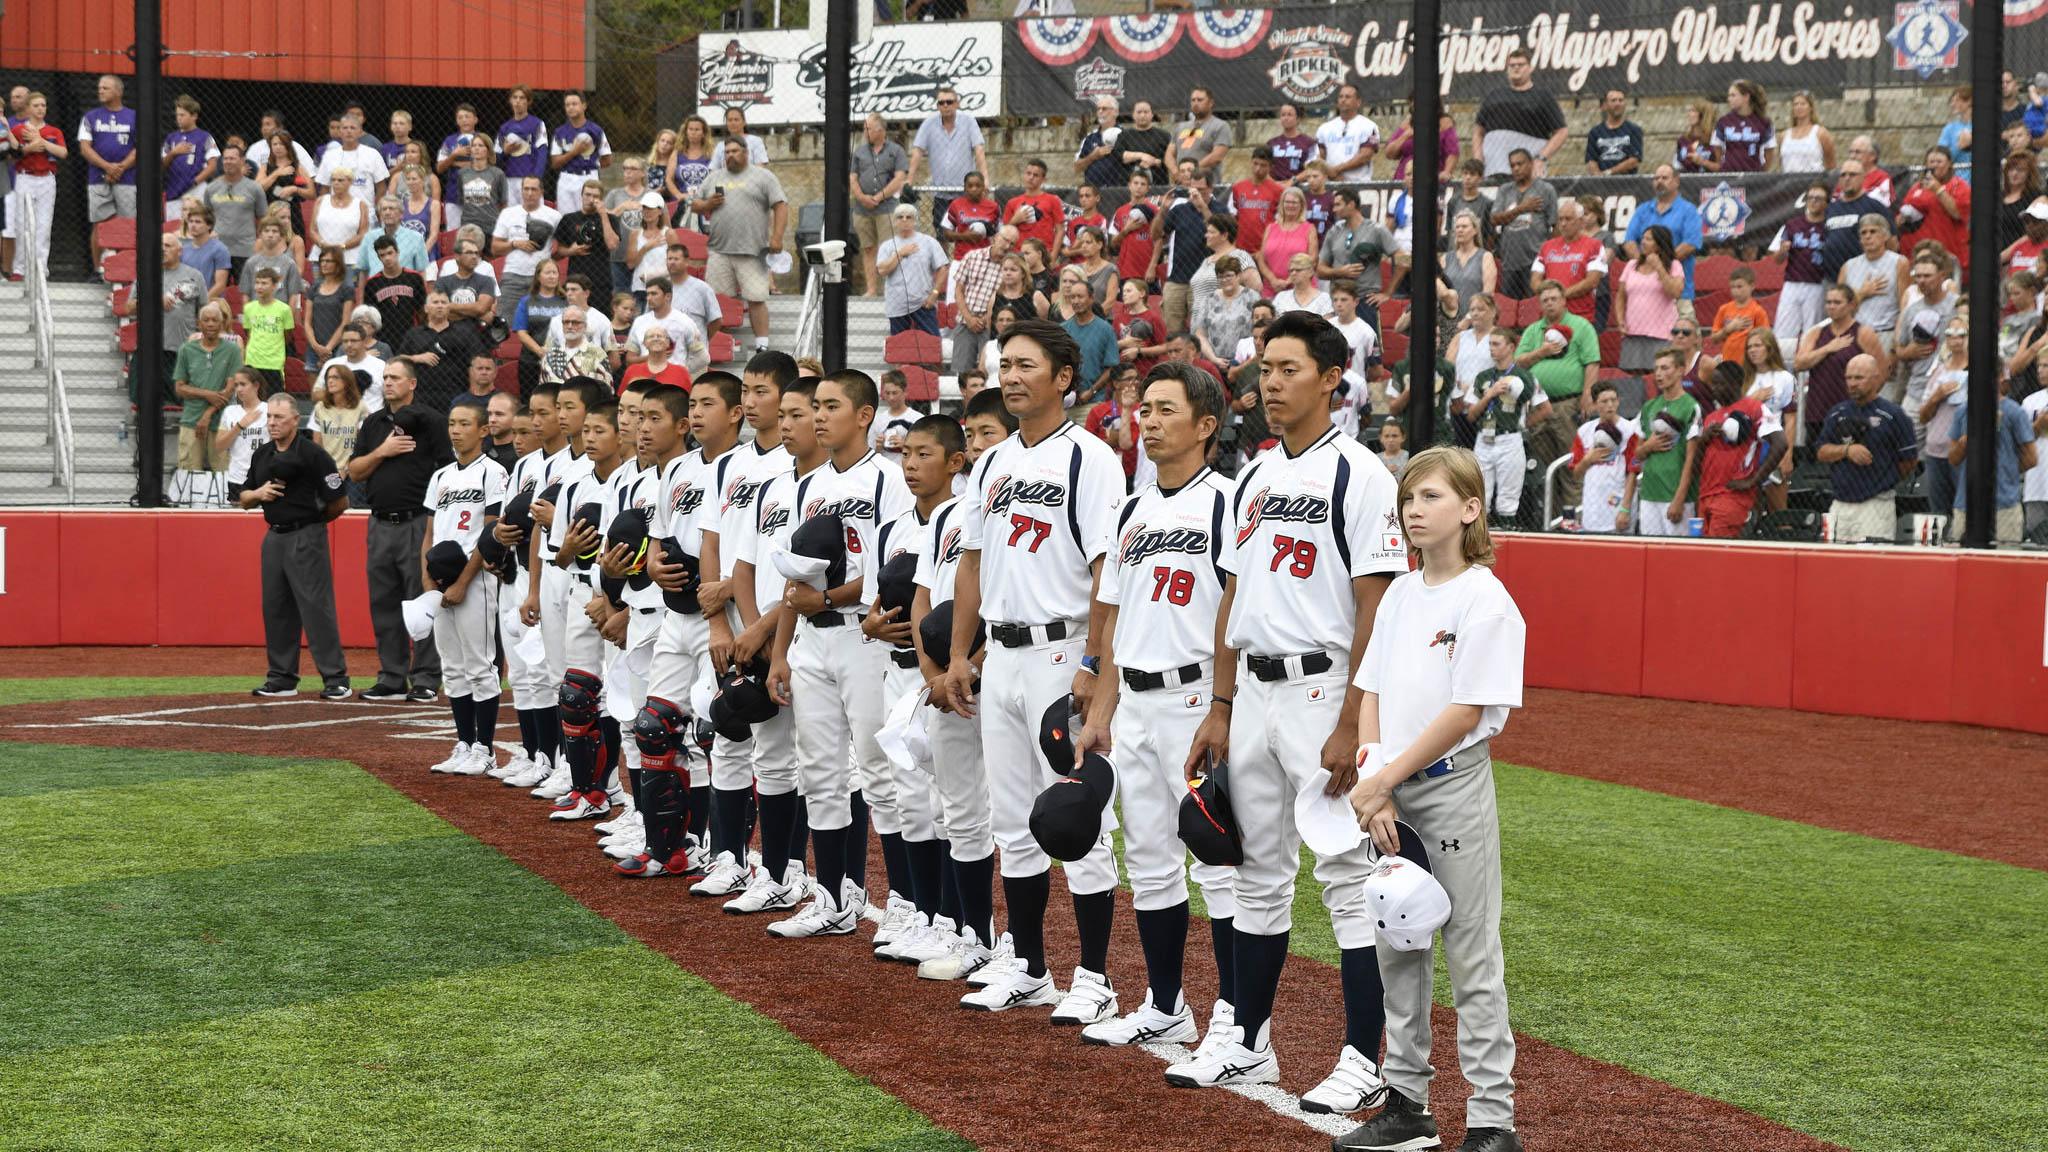 Ballparks of America will host Cal Ripken World Series through 2022